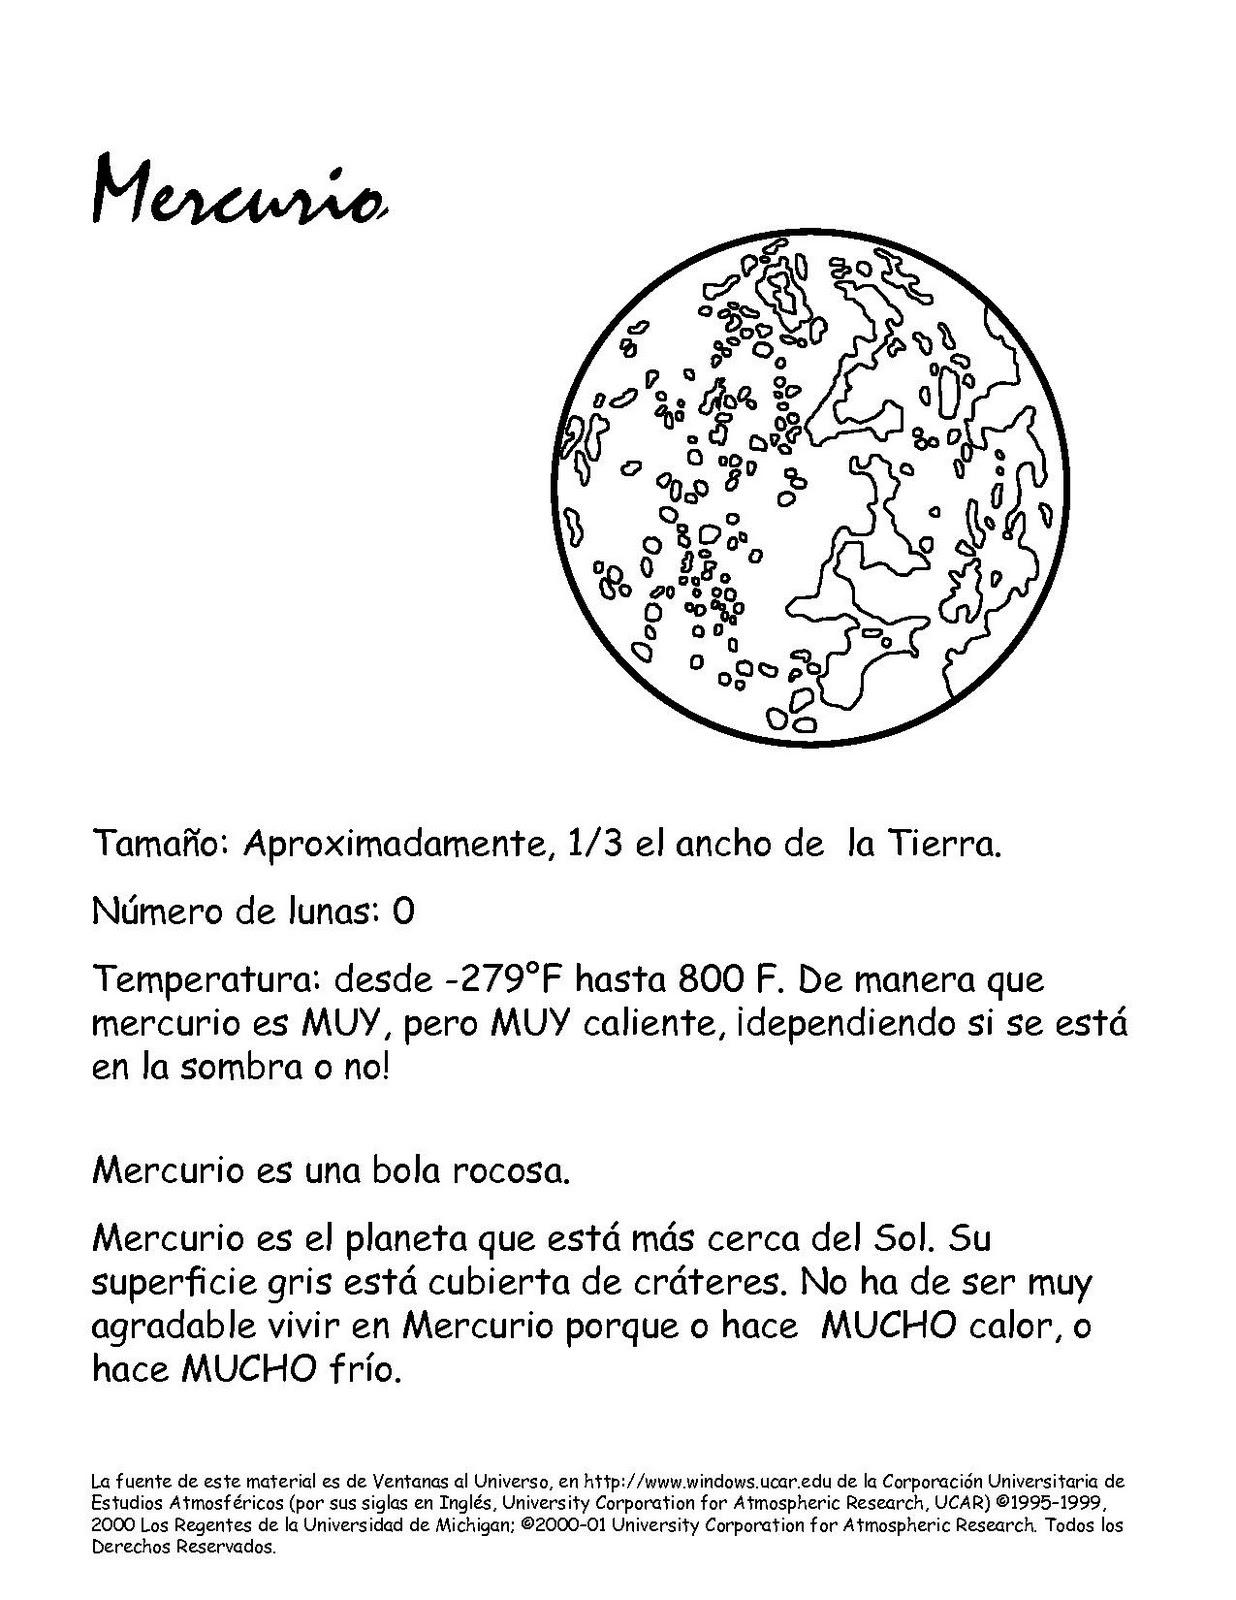 Portal Escuela Dibujo Para Pintar El Planeta Mercurio Y